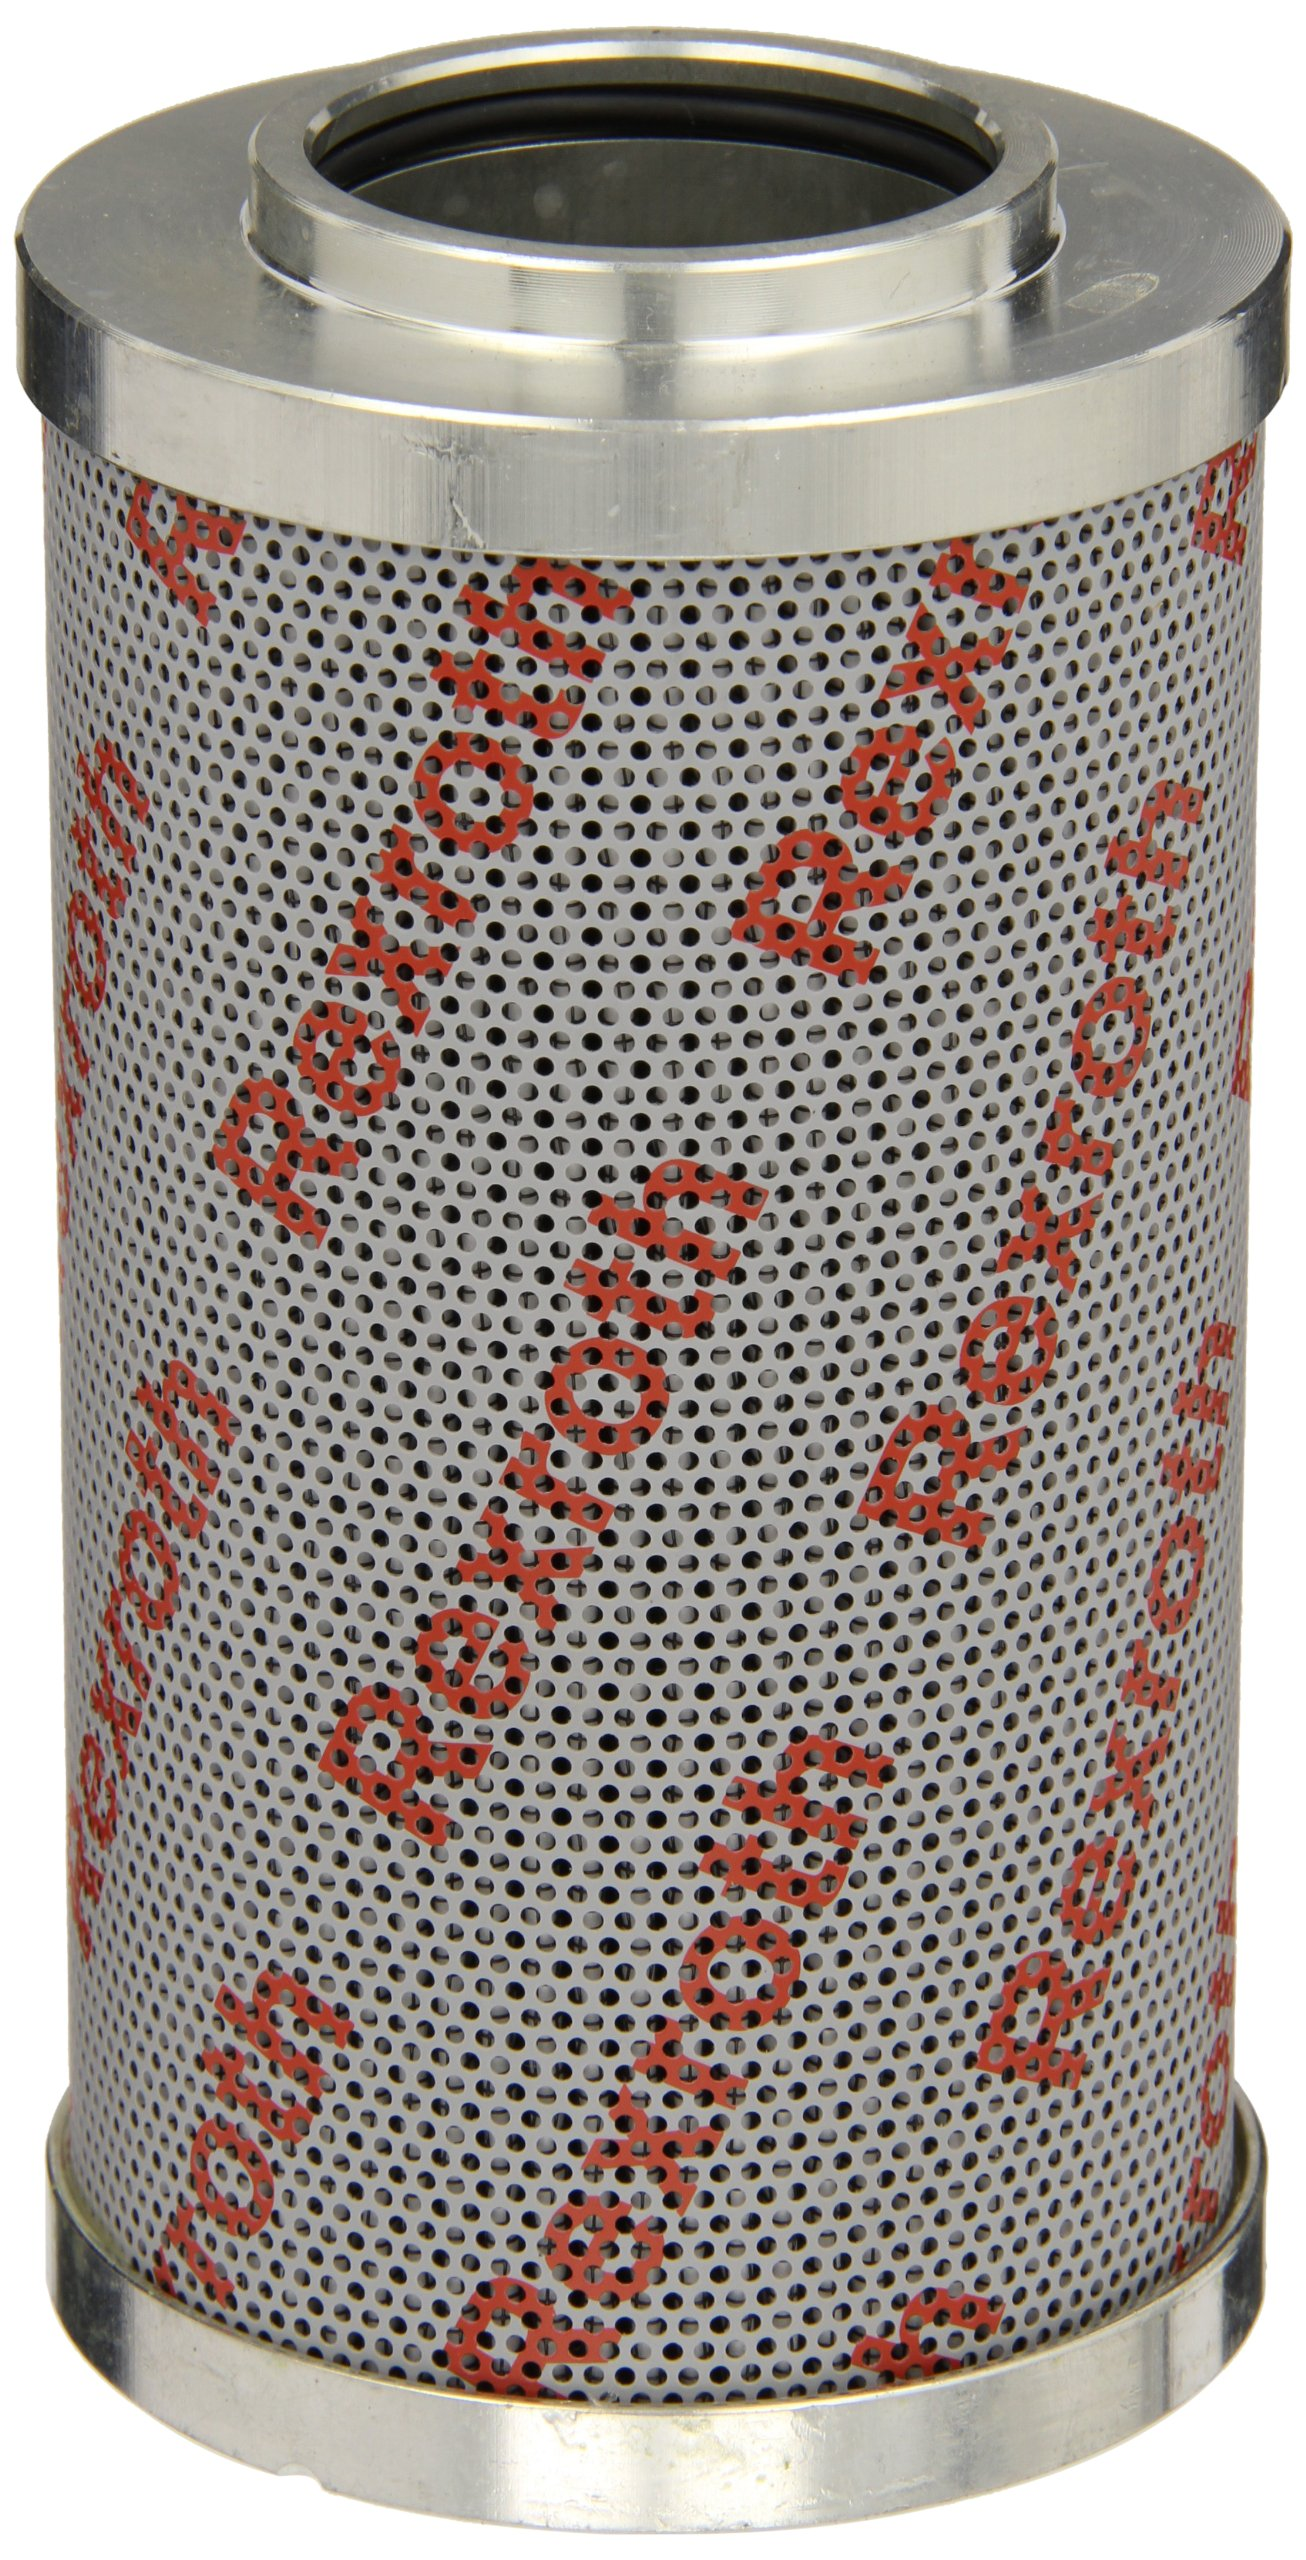 Bosch Rexroth R928017319 Micro-glass Filter